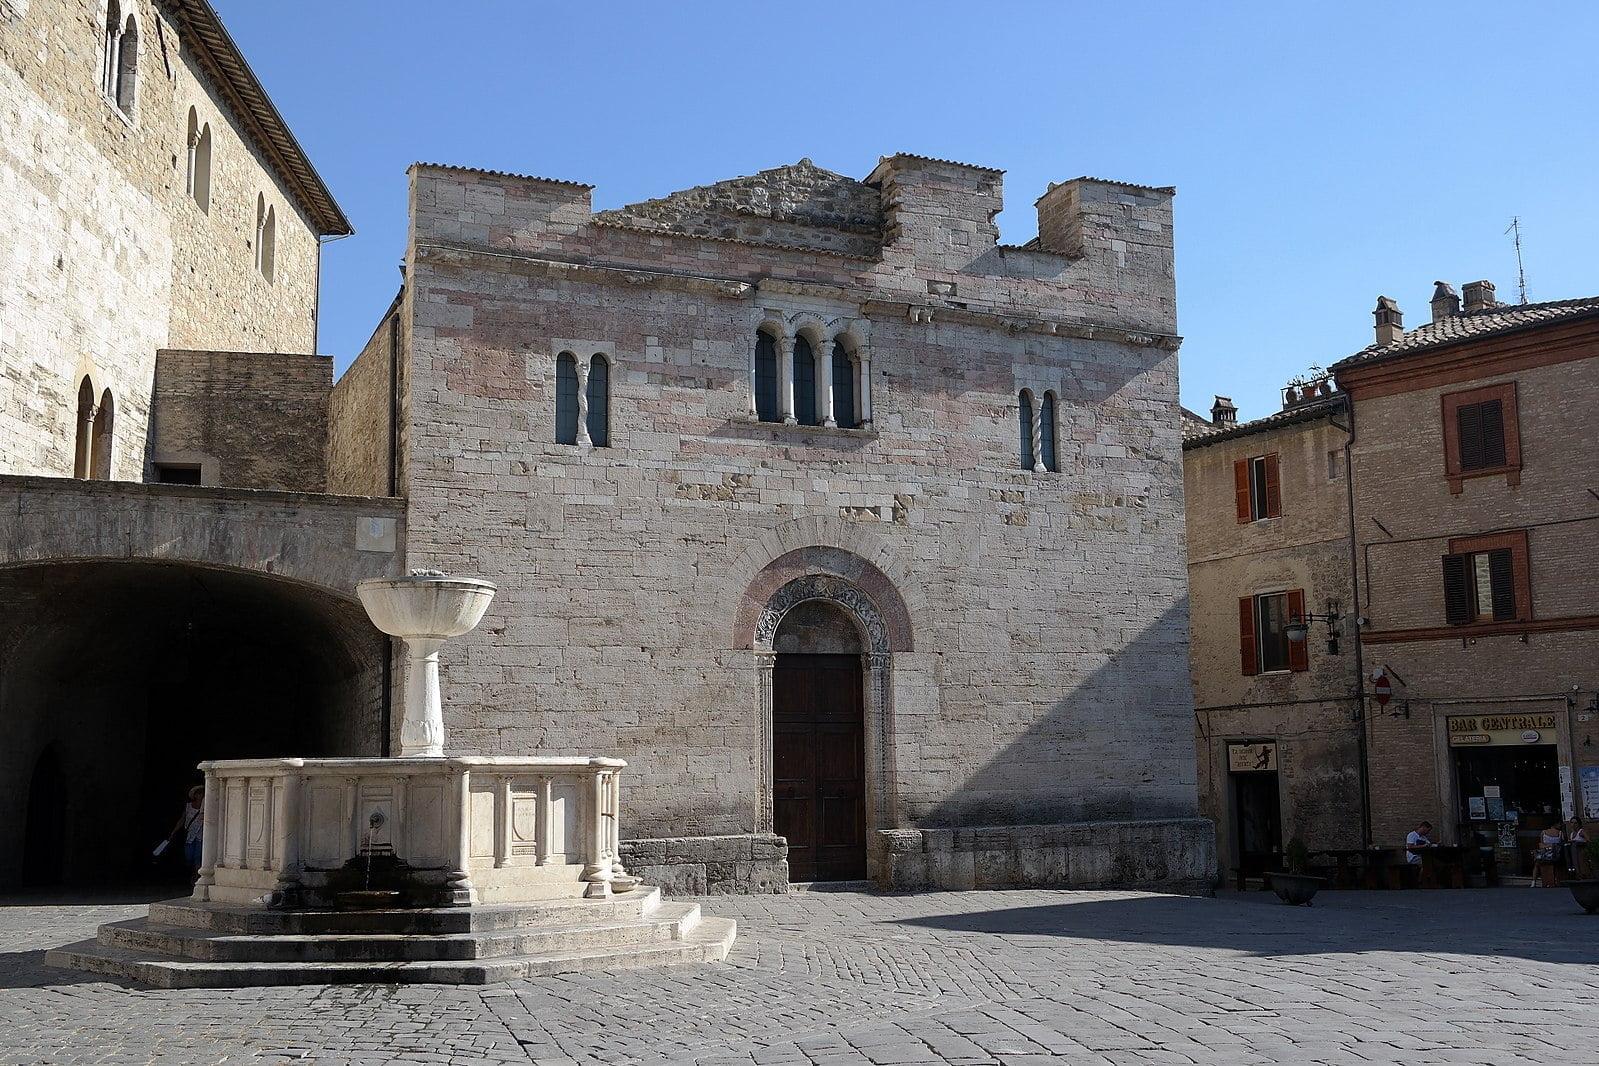 Bevagna's San Silvestro church